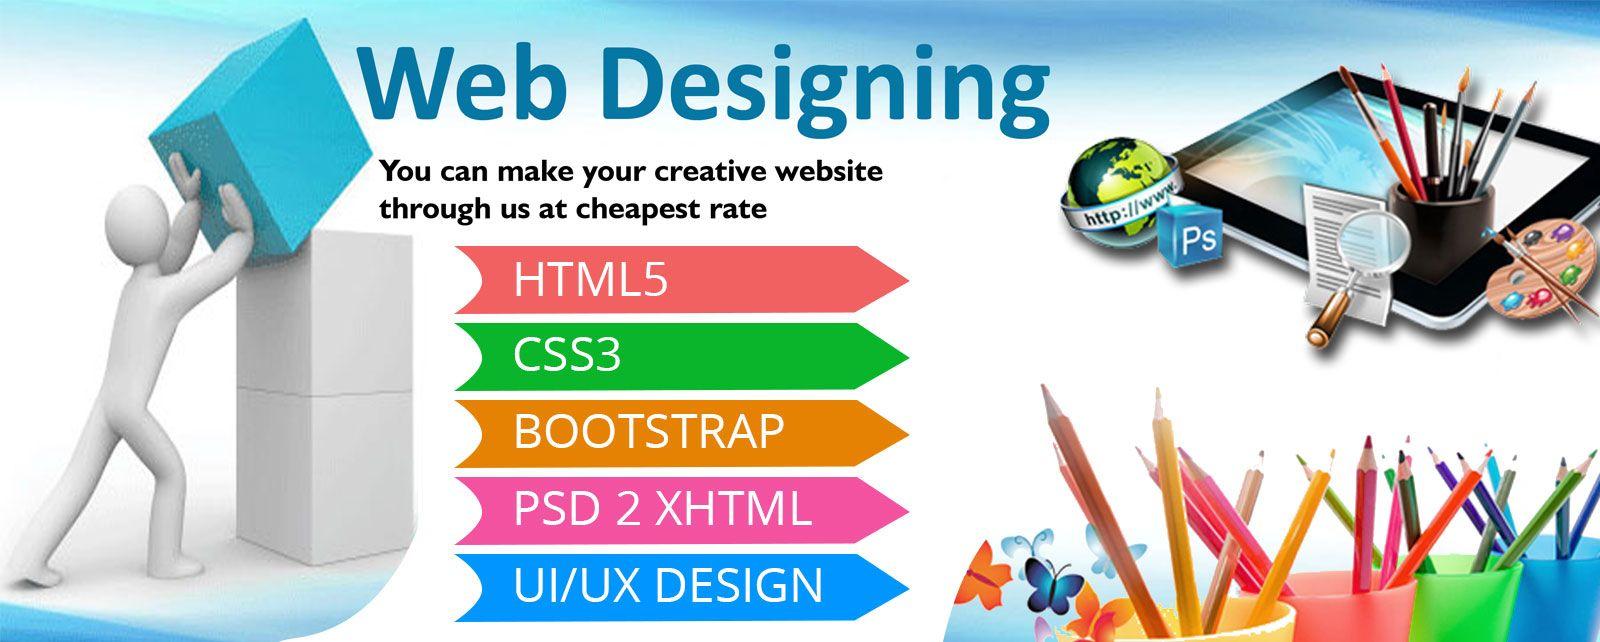 Web Design Packages Services Website Design Company Website Development Company Web Development Design